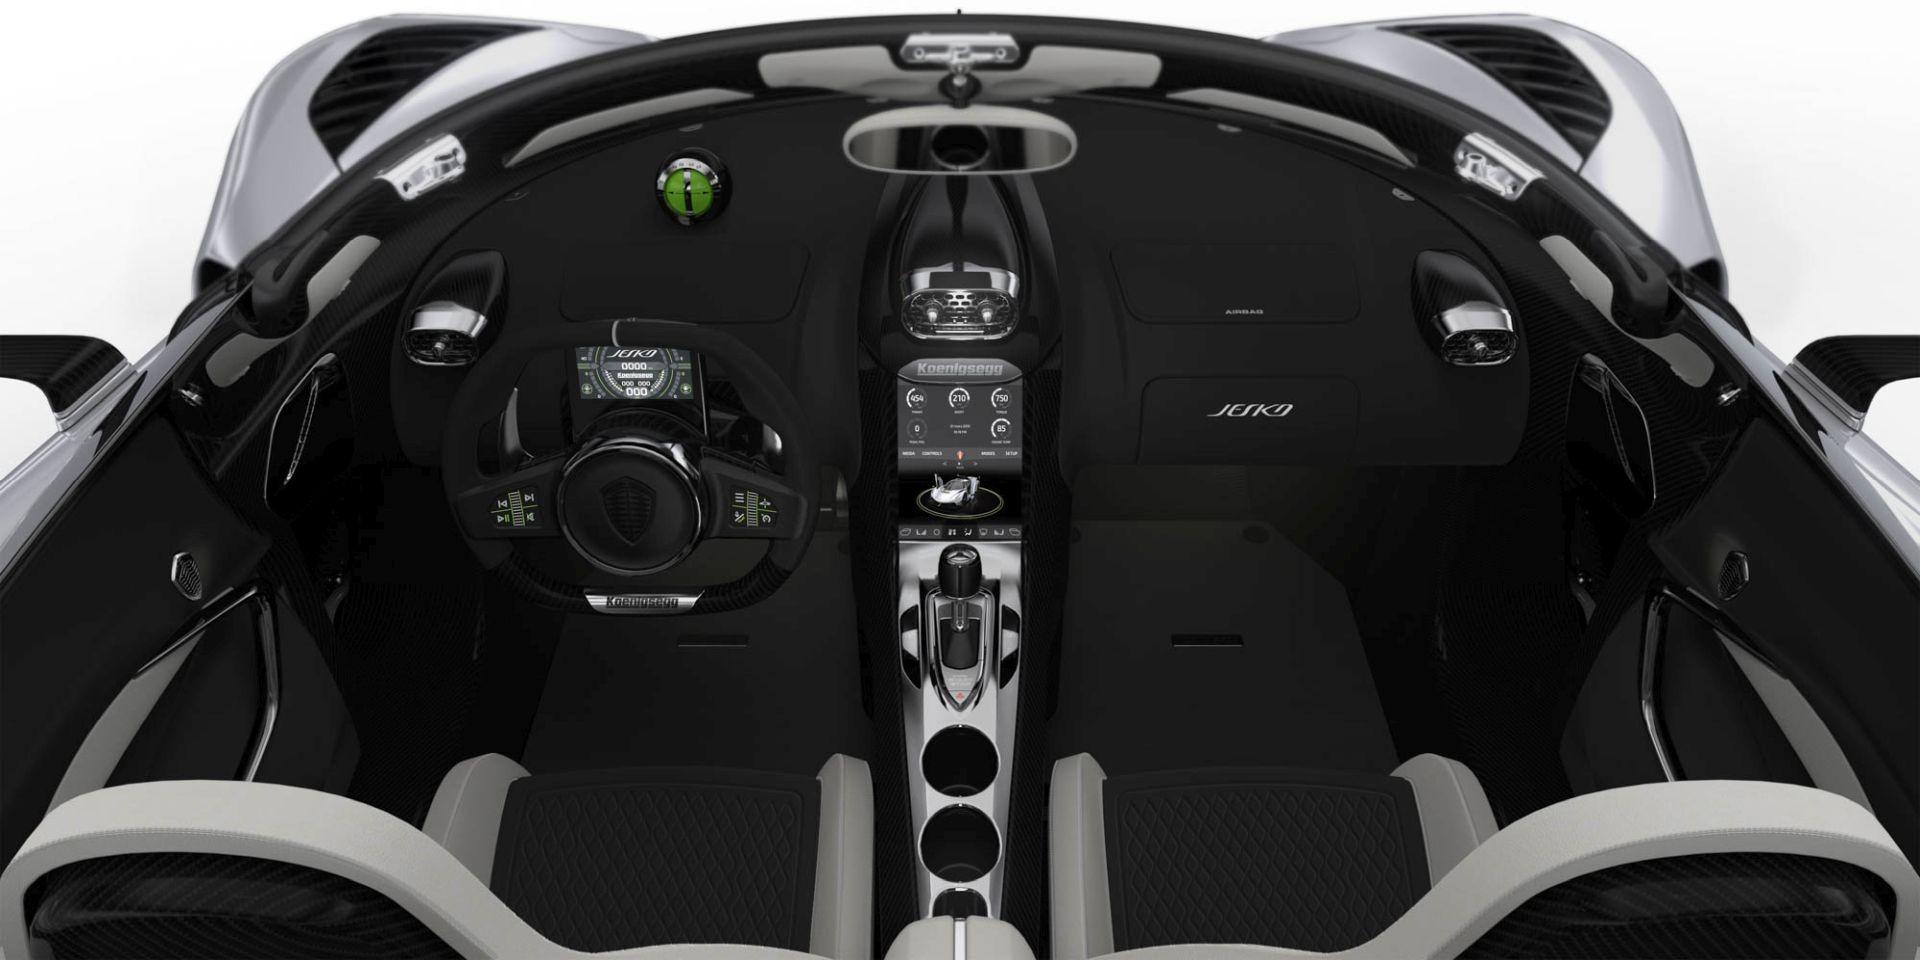 Koenigsegg Jesko Key Fob Is Amazing, Looks Like a Piece of Jewelry